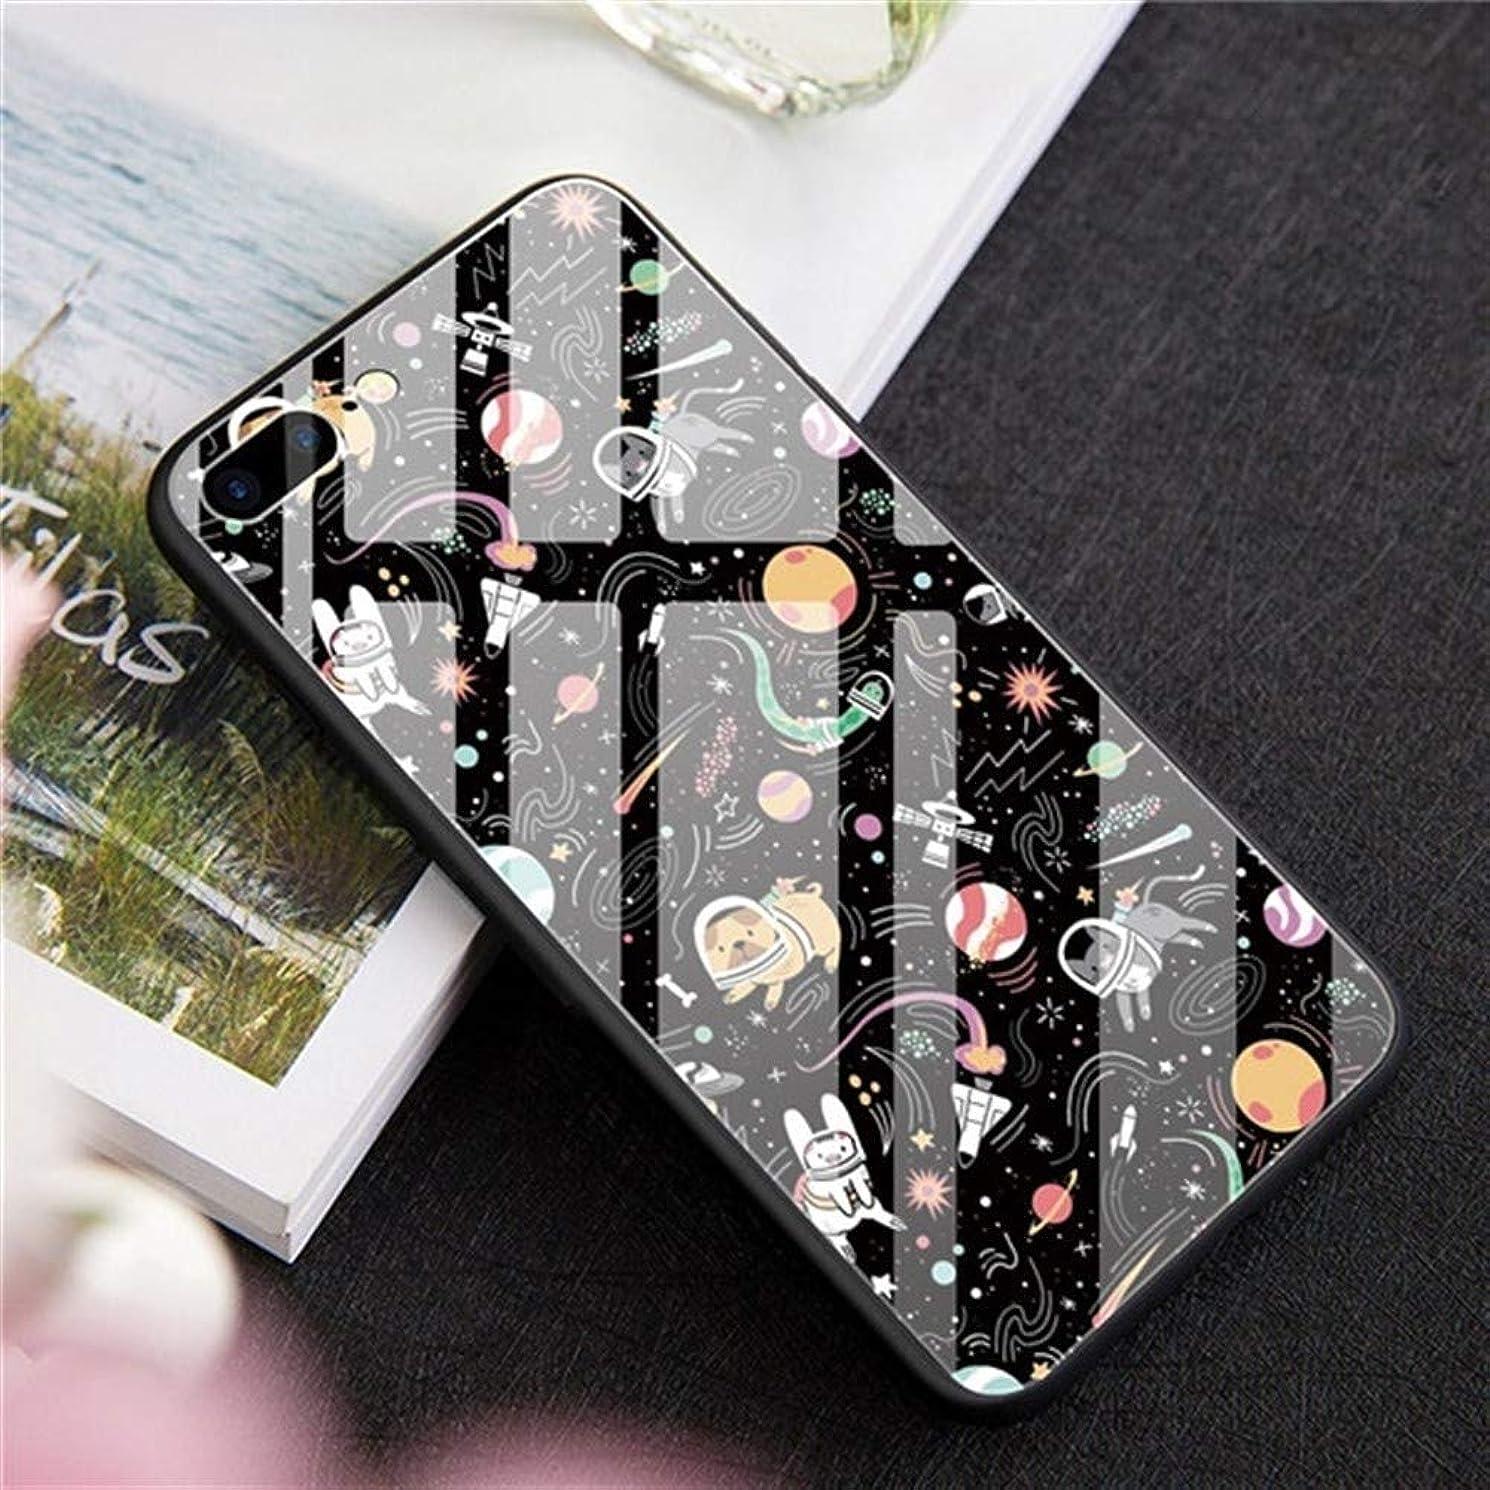 バブル溢れんばかりのくそーHEJIANLSTORE Iphoneの7 8 X 10プラス6S 6キャパスペース宇宙飛行士強化ガラスフォンケースについてはIPhone 11プロXS MAX XR場合の豪華DIY (Color : A-4415, Size : For iphone 6 6S 4.7)